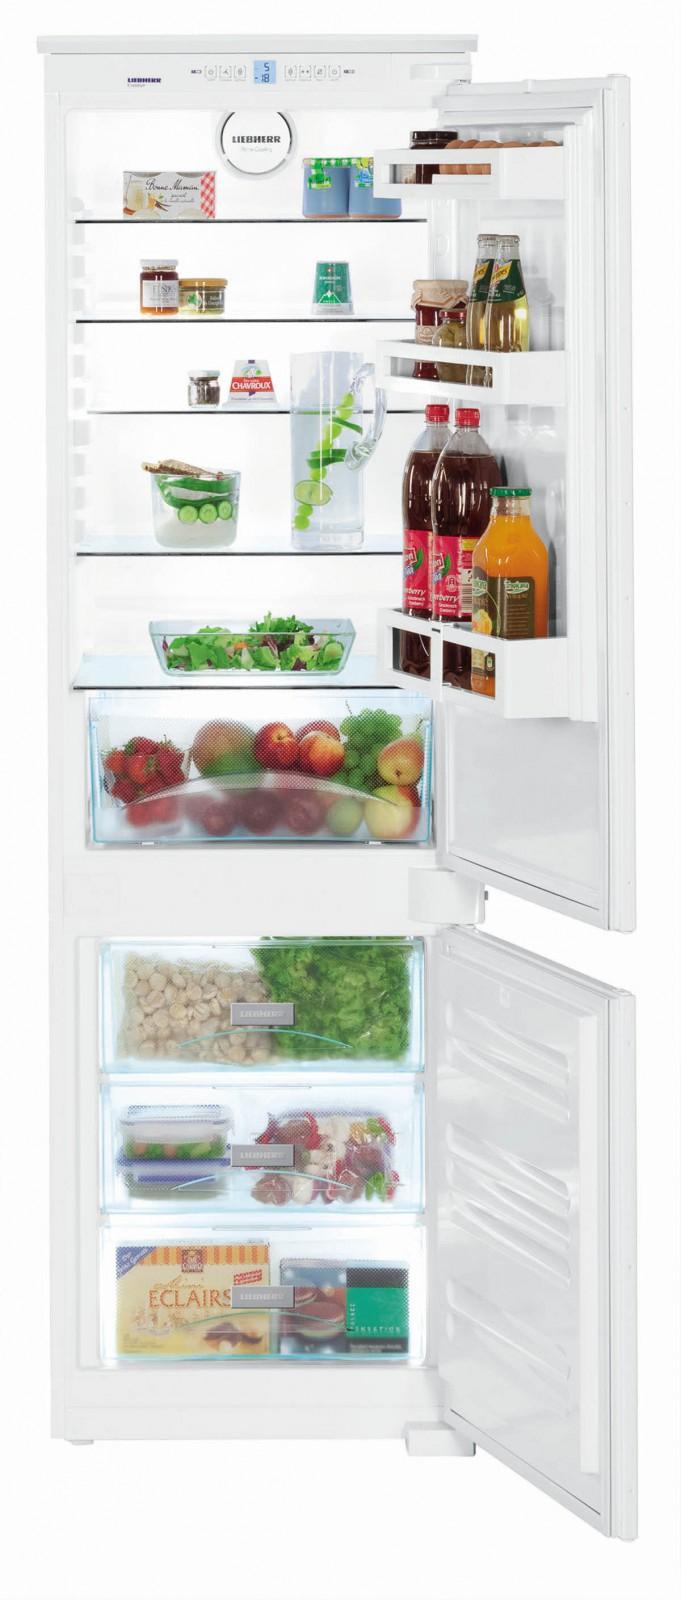 купить Встраиваемый двухкамерный холодильник Liebherr ICS 3314 Украина фото 0